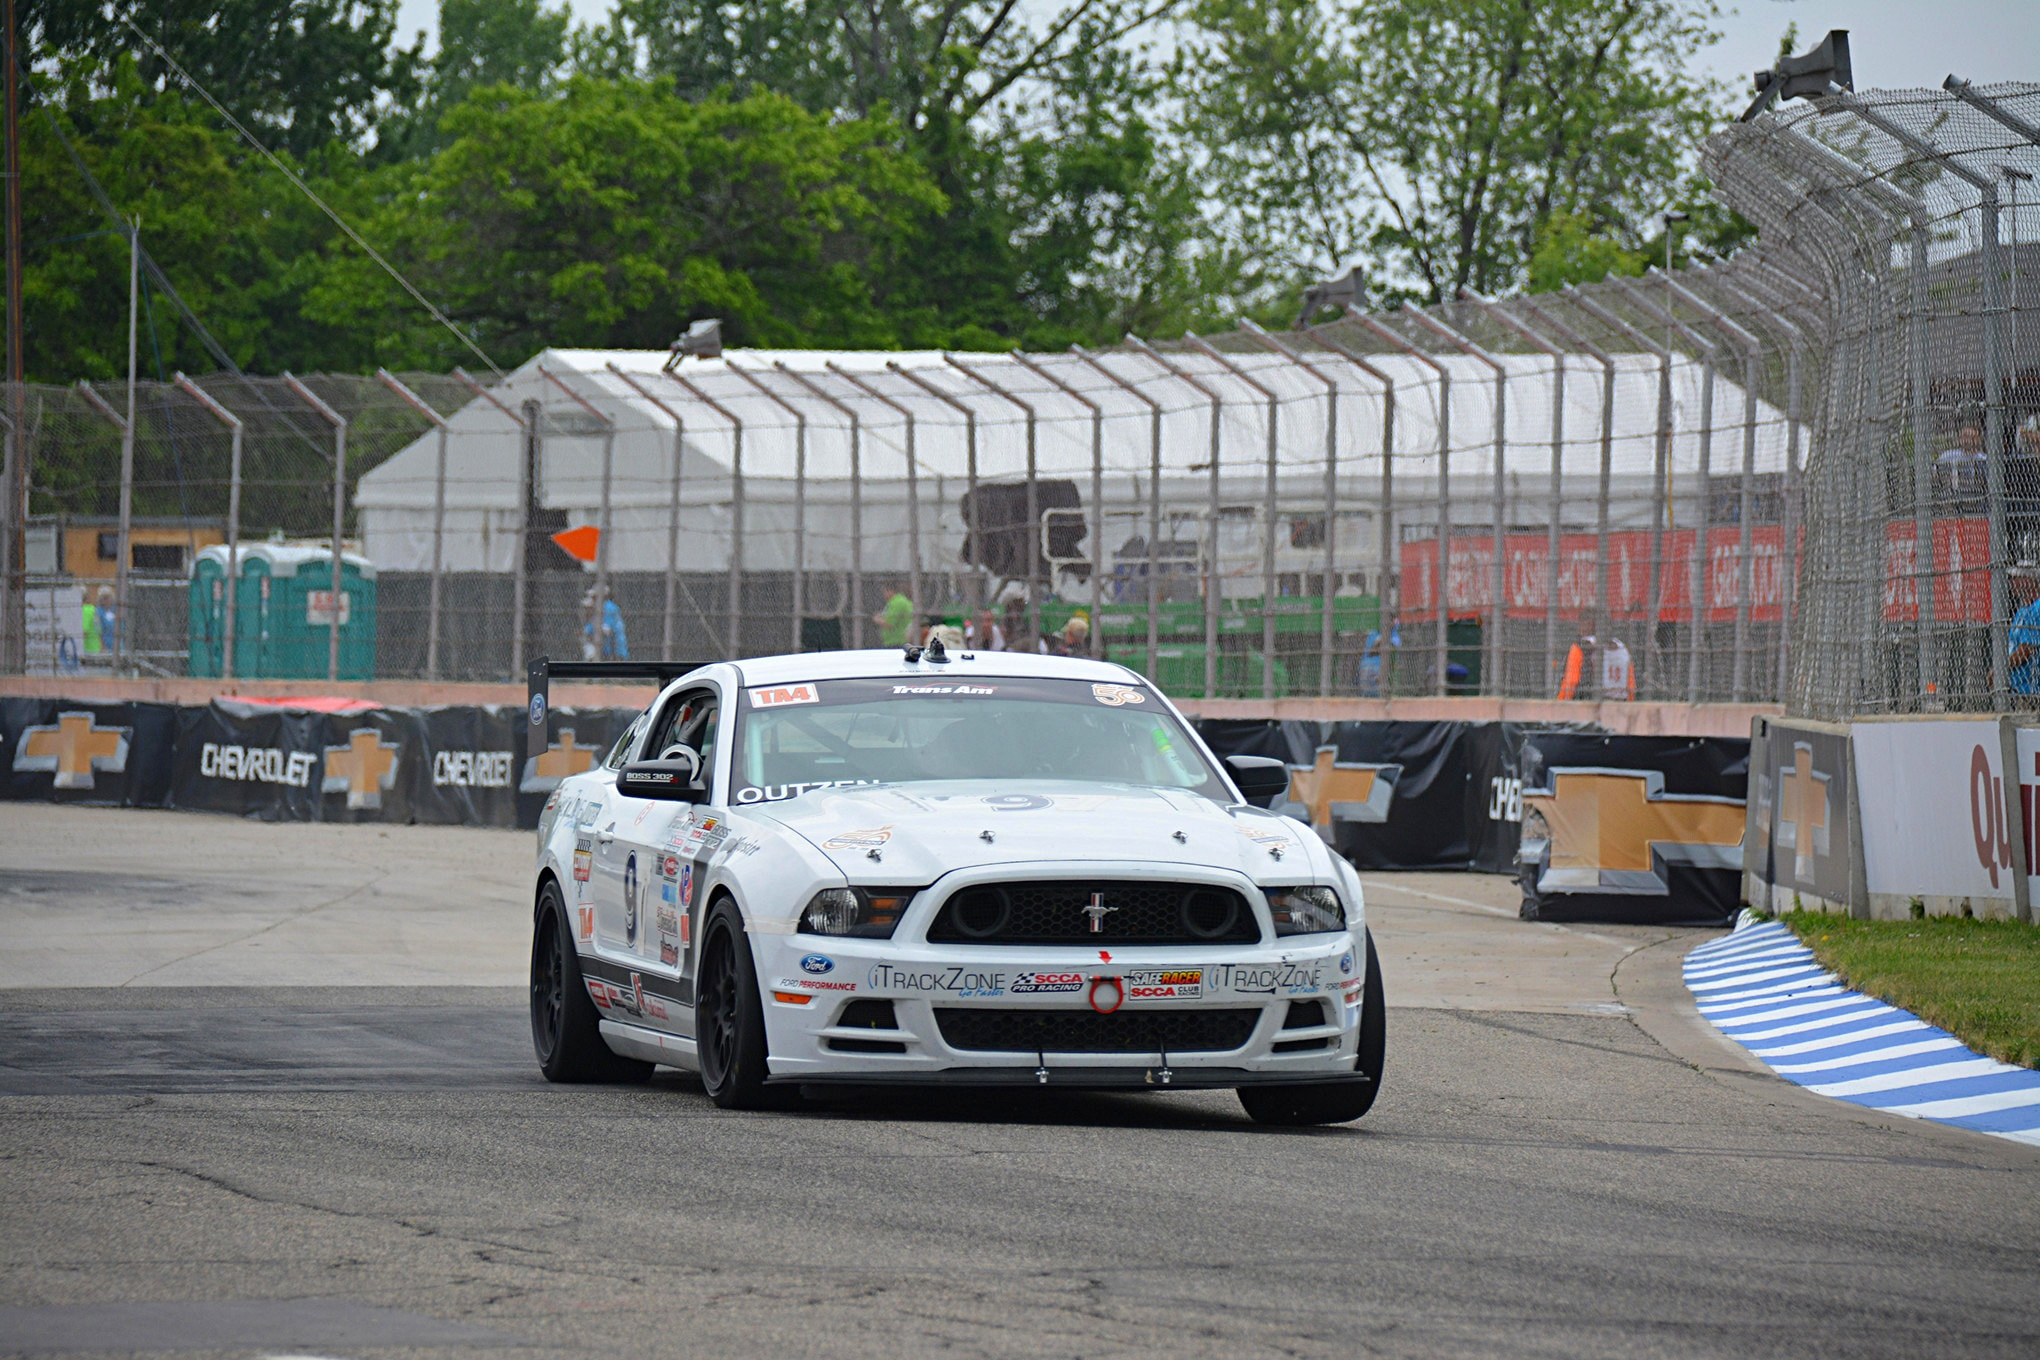 011 Mustang Transamrace Detroitgp